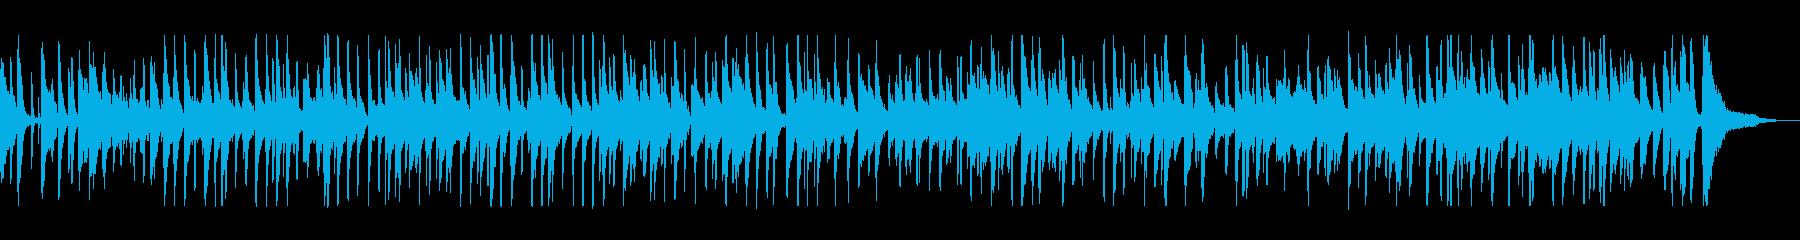 お洒落でモダンなミディアムテンポのジャズの再生済みの波形